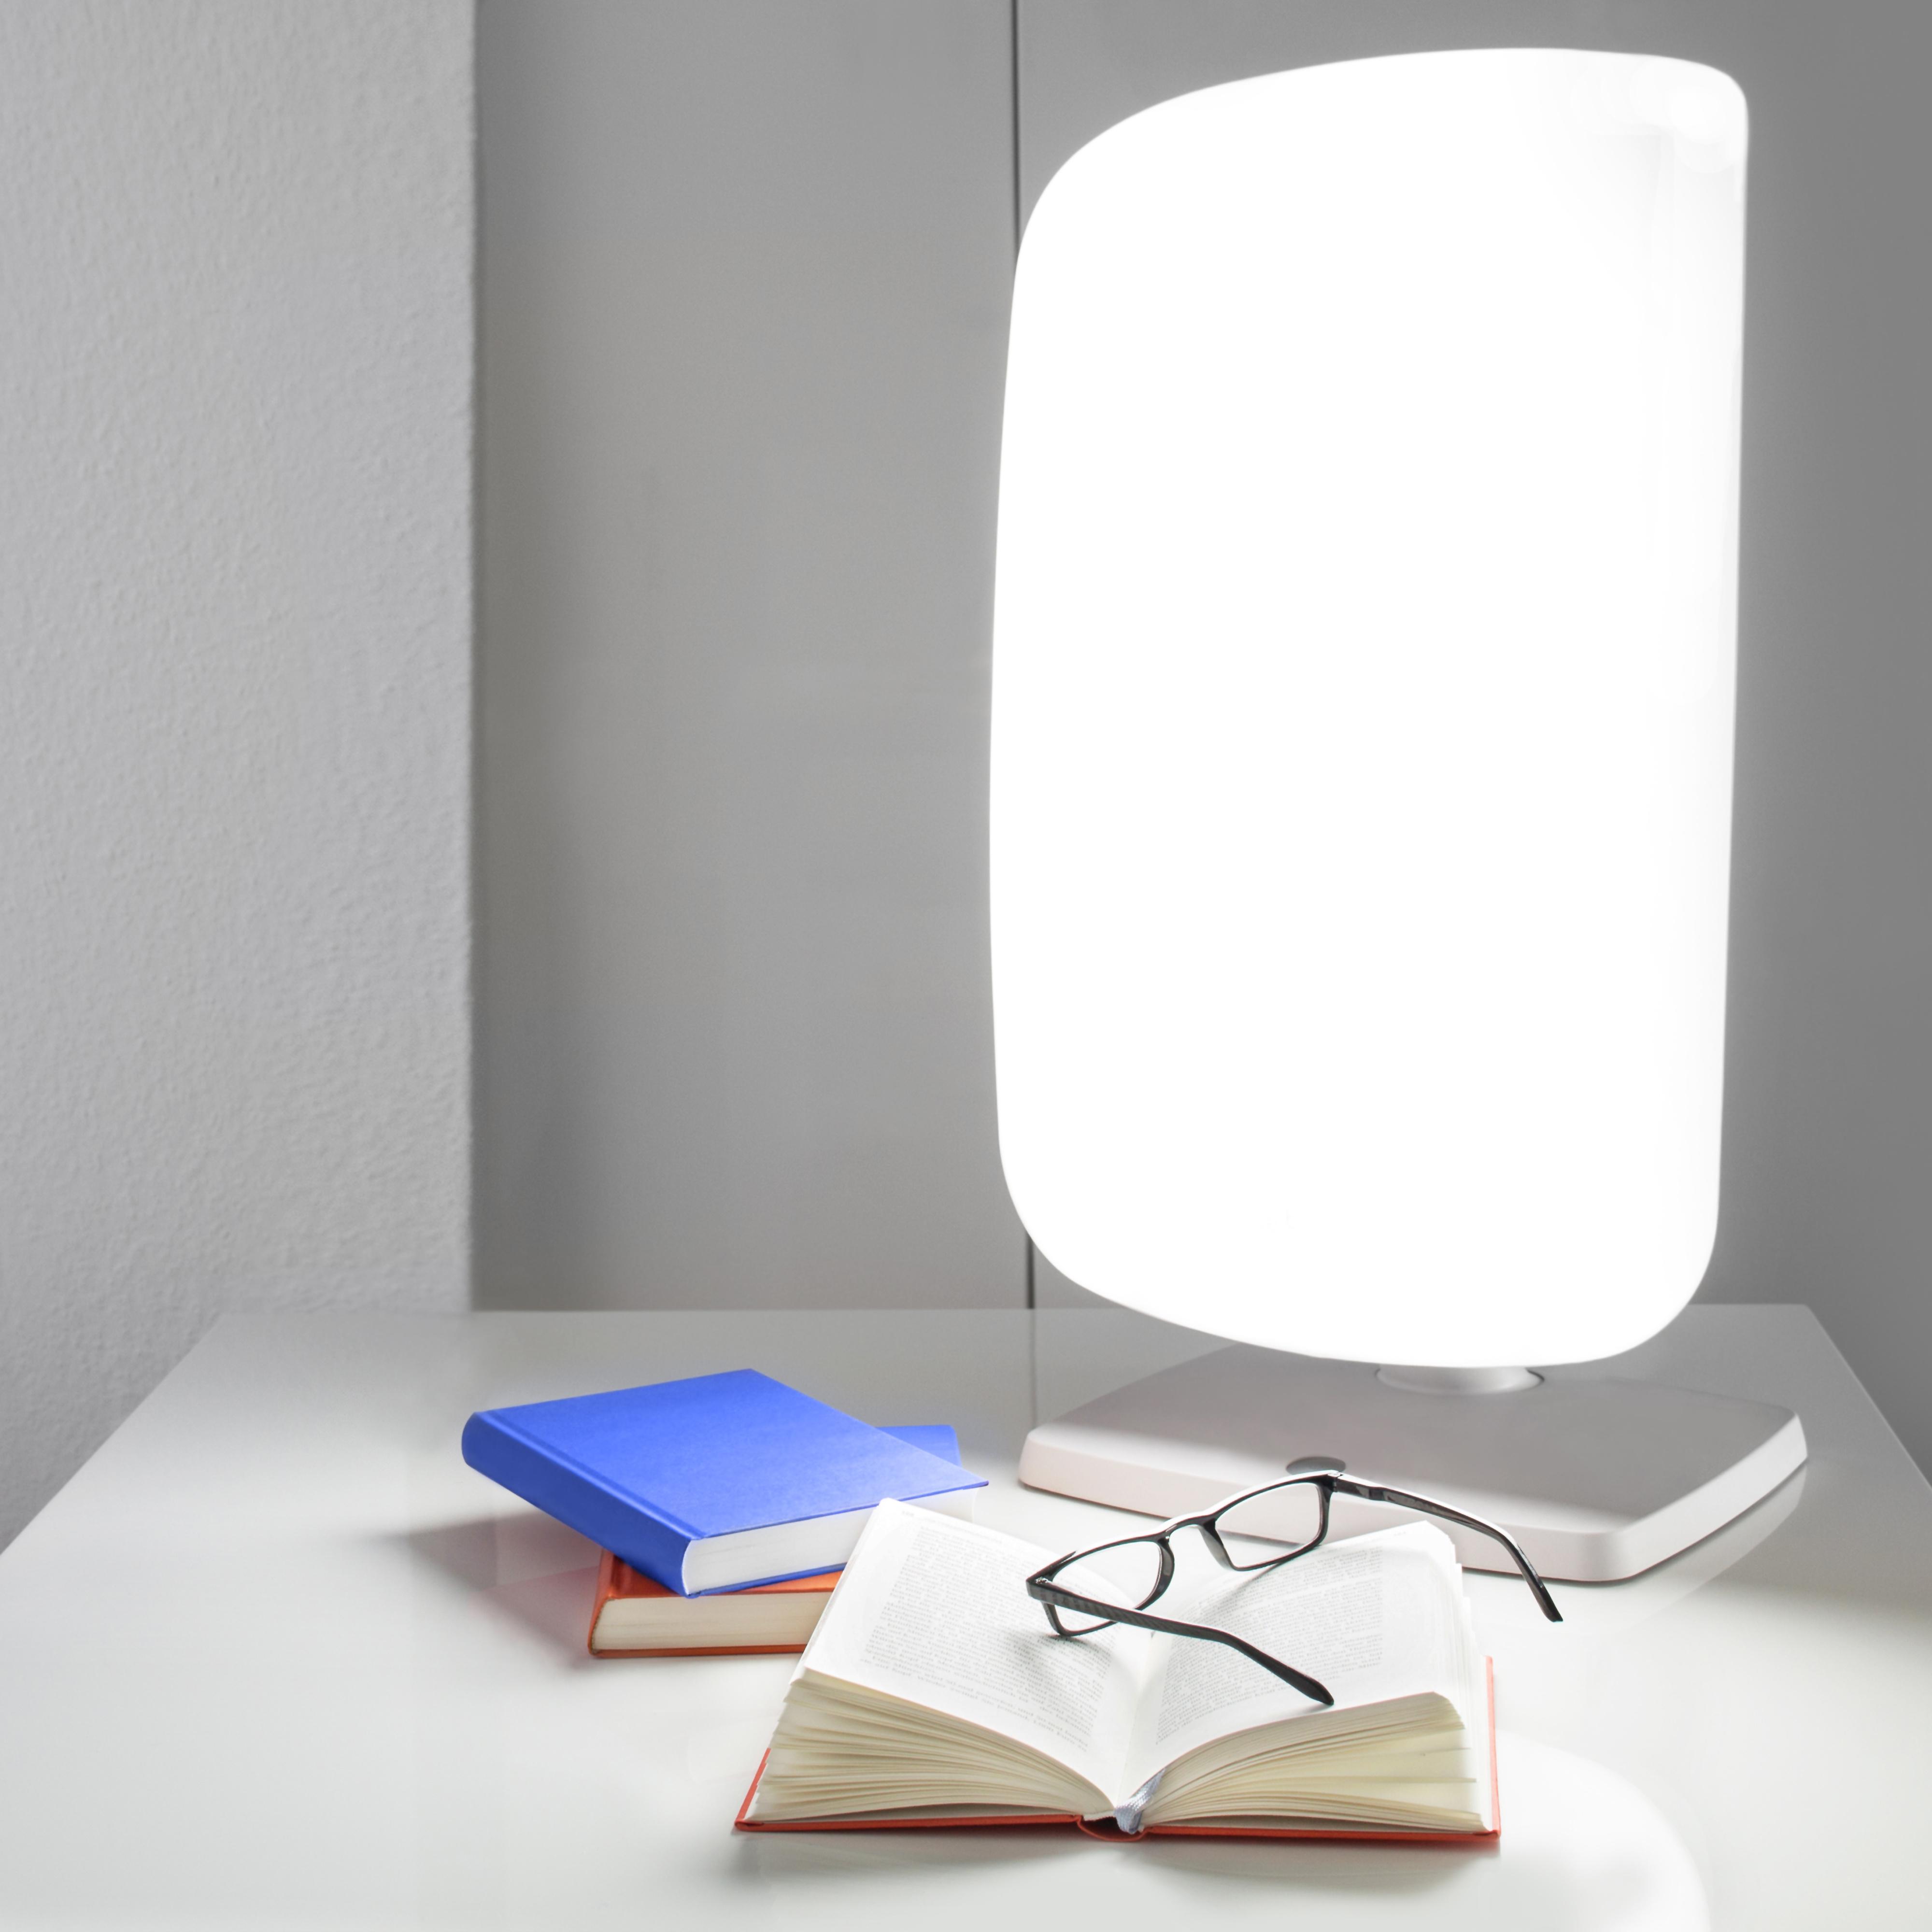 La luminothérapie peut réinitialiser les rythmes circadiens perturbés chez les patients souffrant de troubles du sommeil et de maladies neurodégénératives et atténuer ainsi leurs symptômes (Visuel Adobe Stock 75303145)